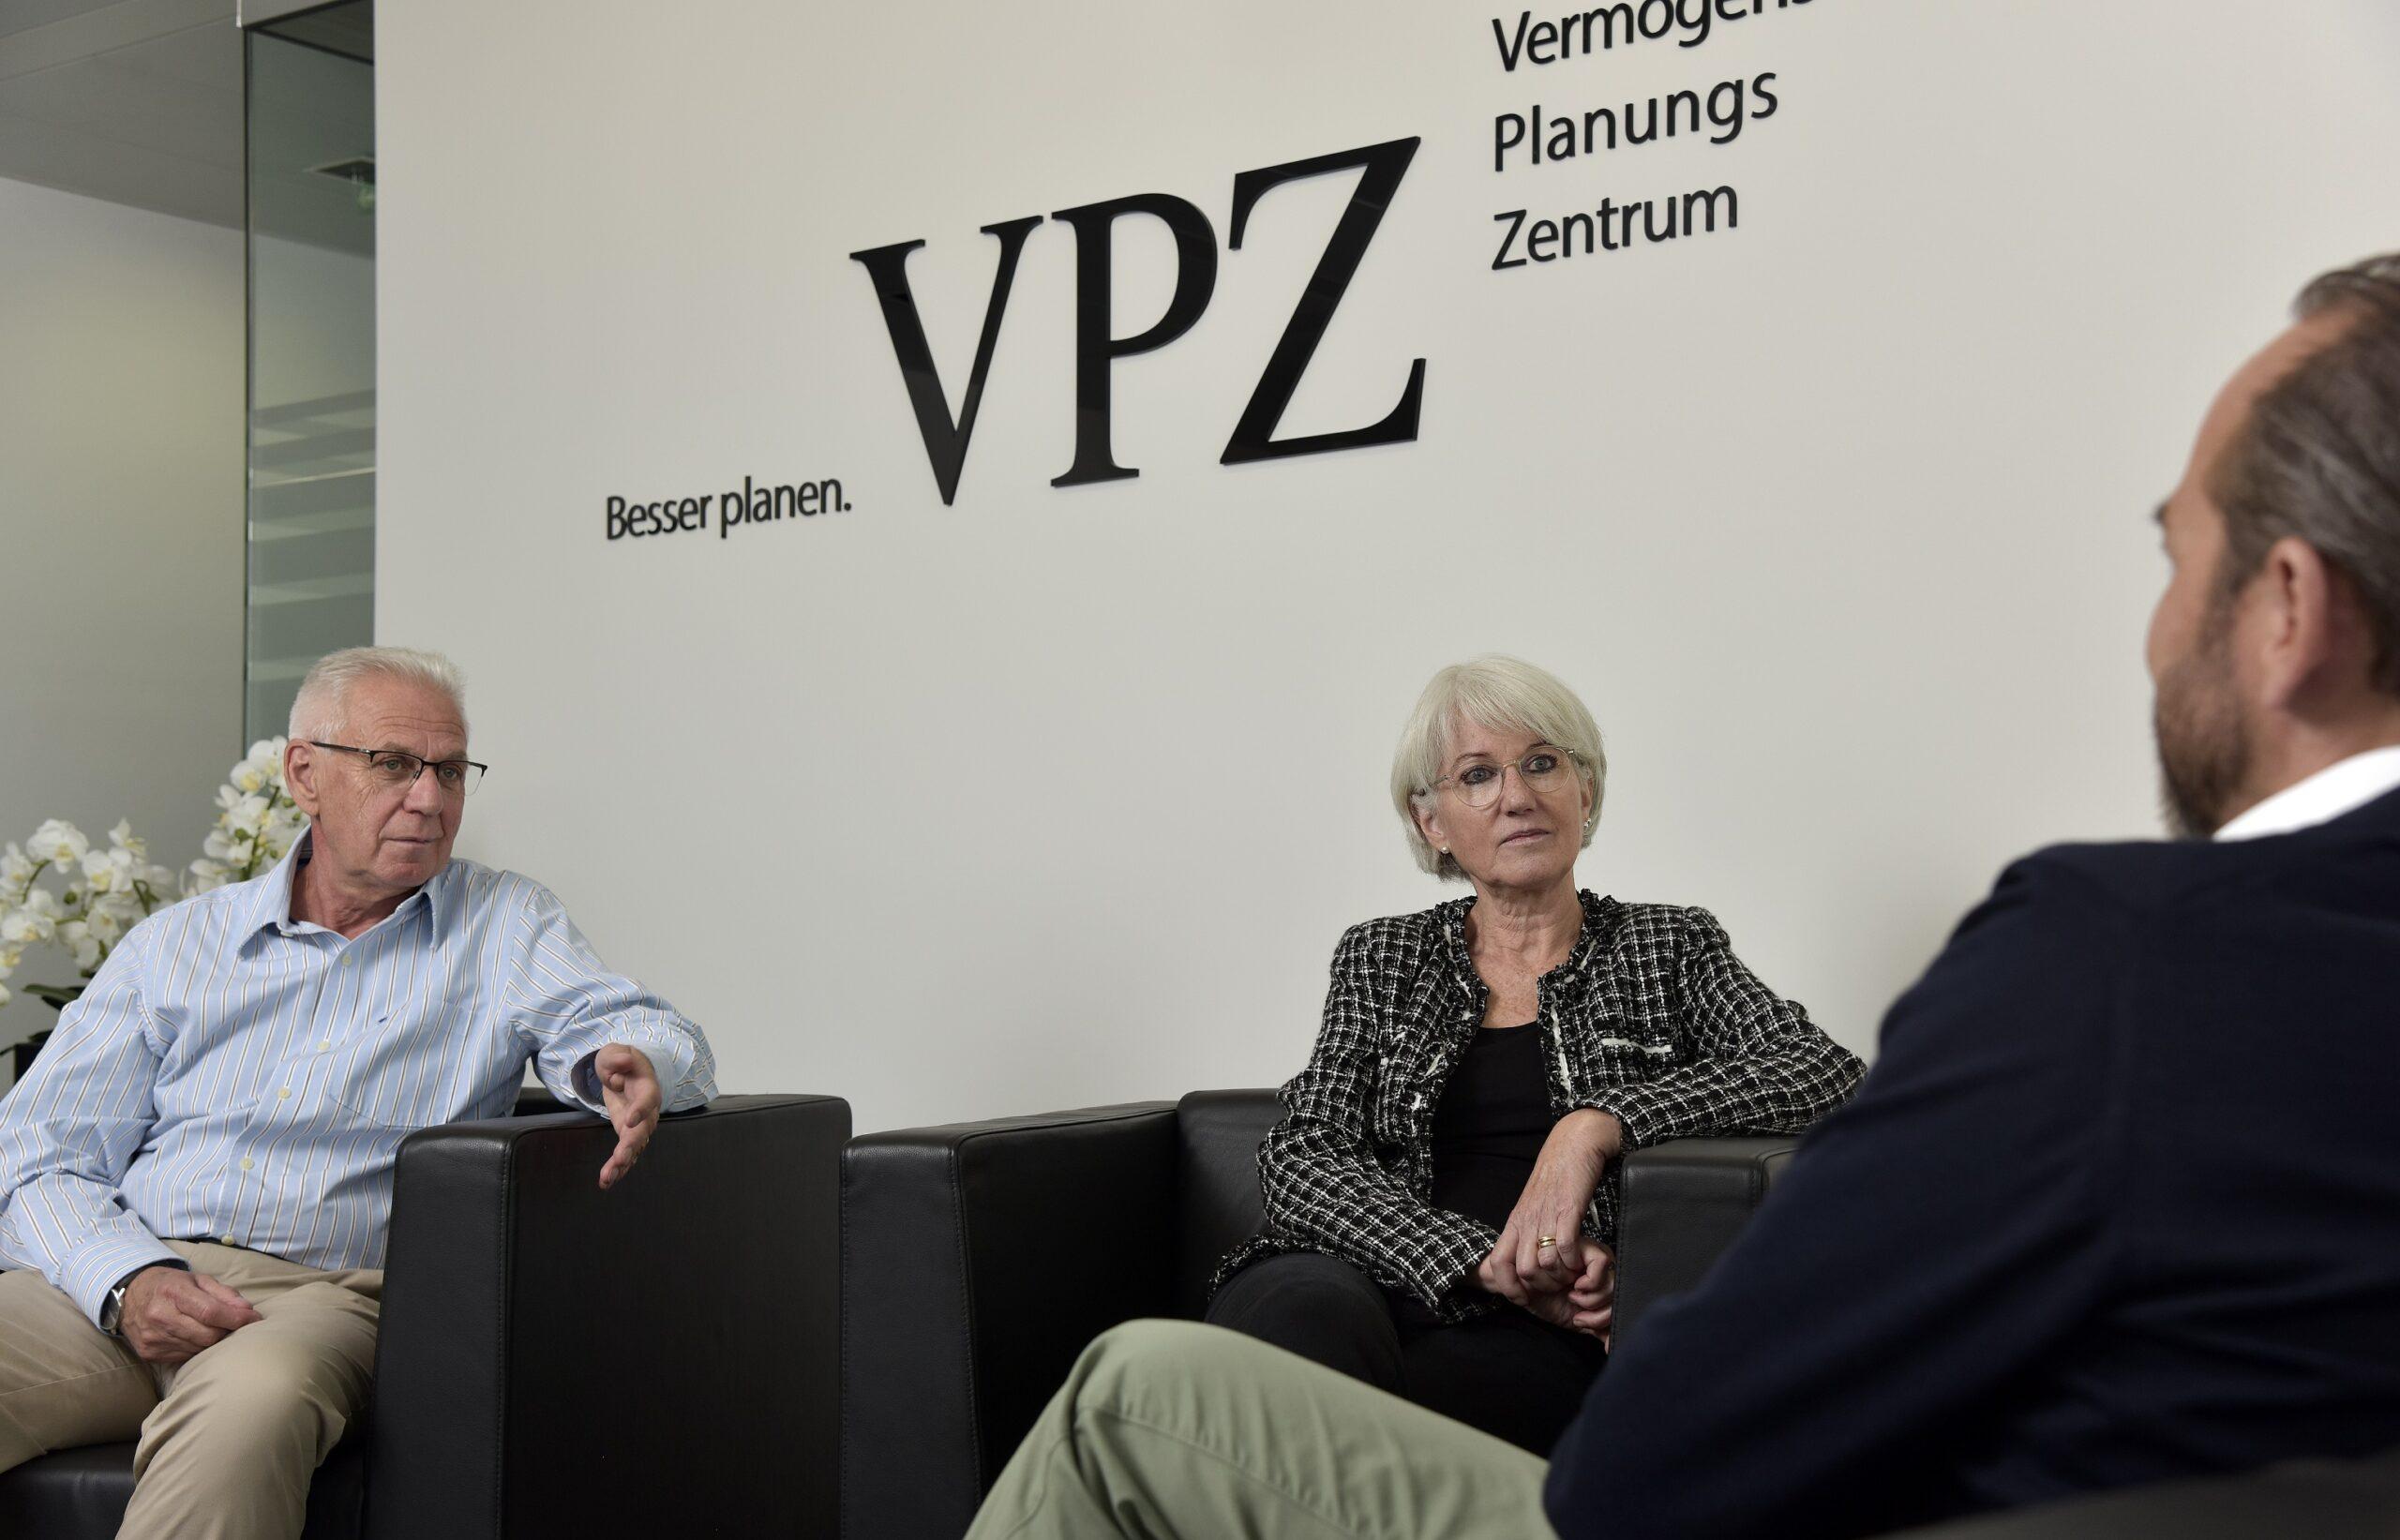 VPZ Kundenportrait